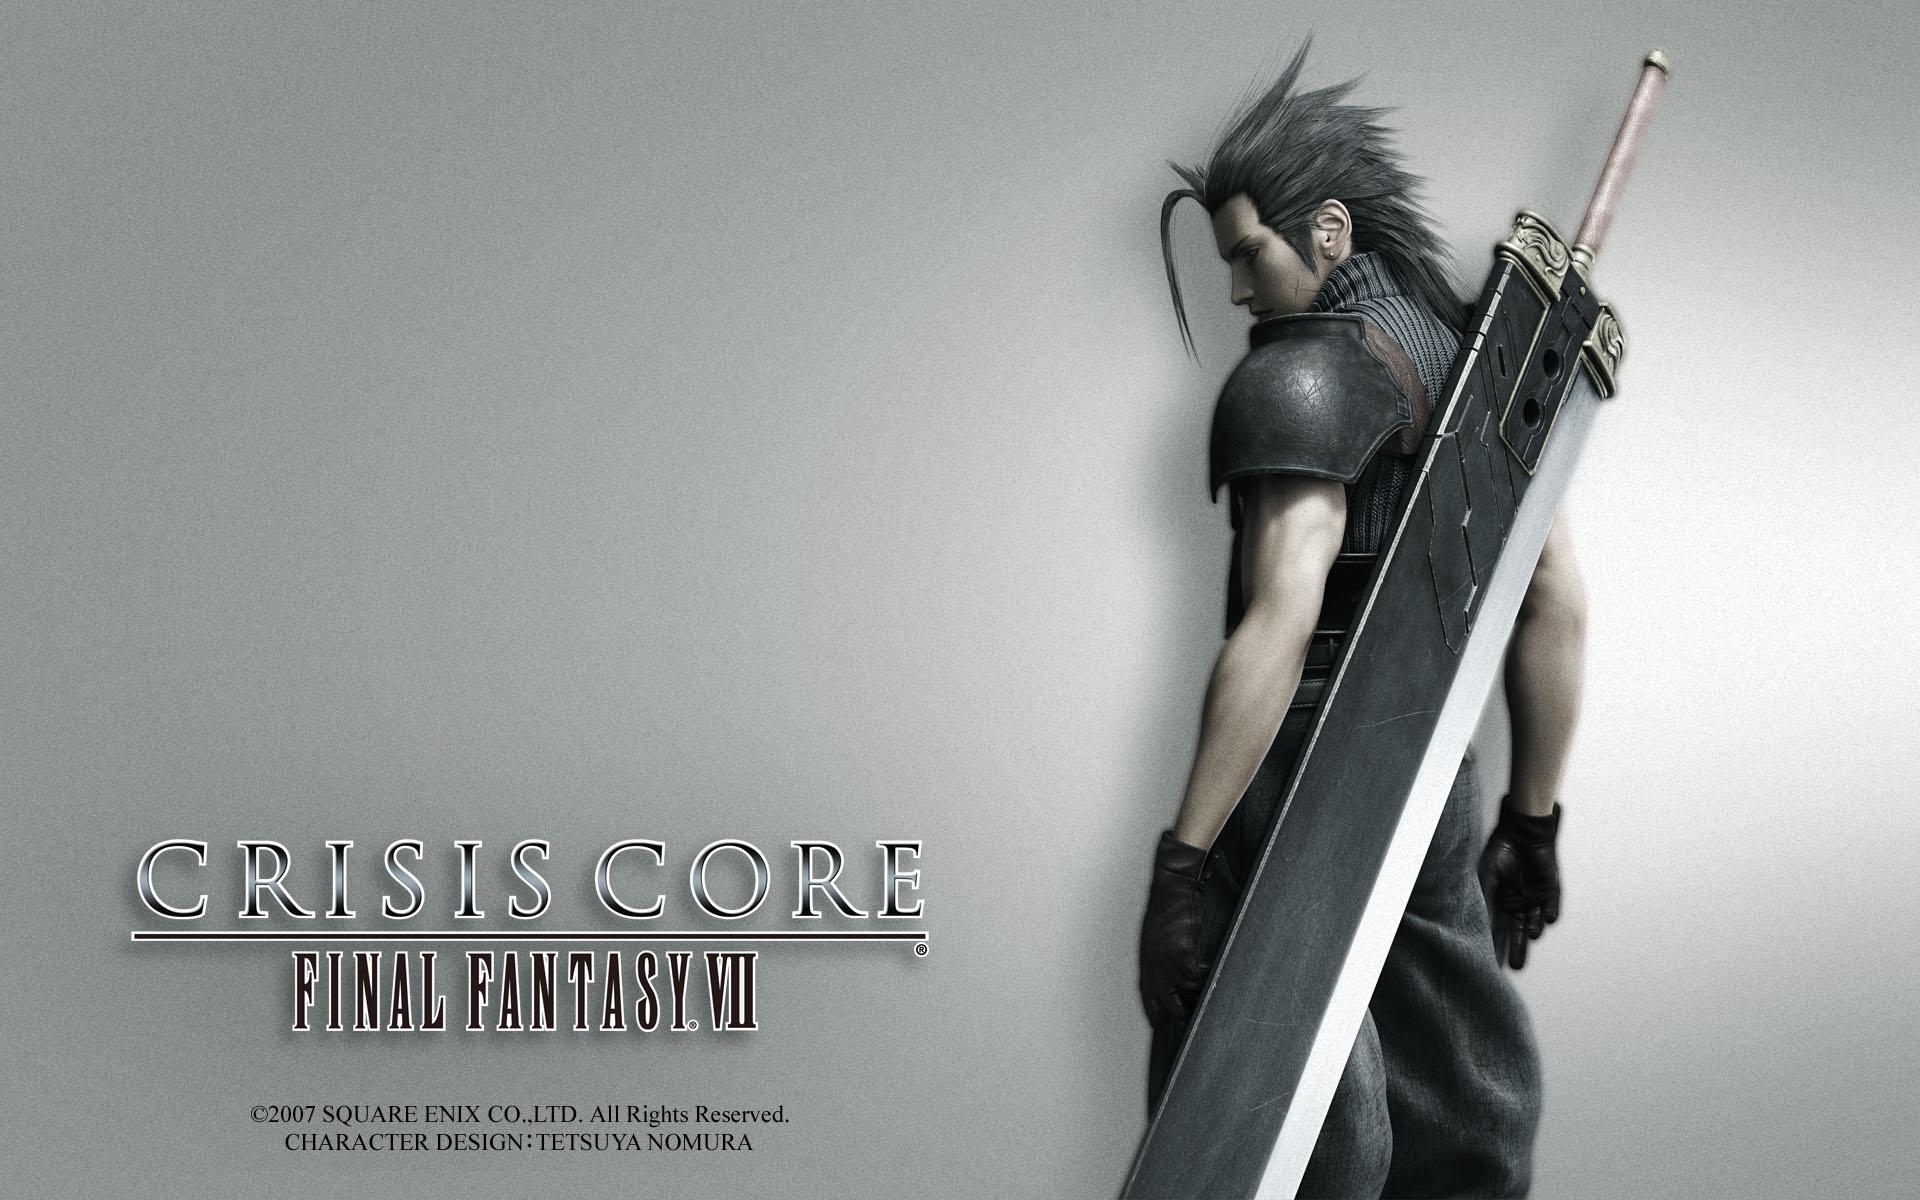 http://2.bp.blogspot.com/-hdHCk-Iik3o/ULjSoD1eZwI/AAAAAAAAIus/cKA-c-omThI/s1920/Crisis_Core_-_Final_Fantasy_VII-1200.jpg